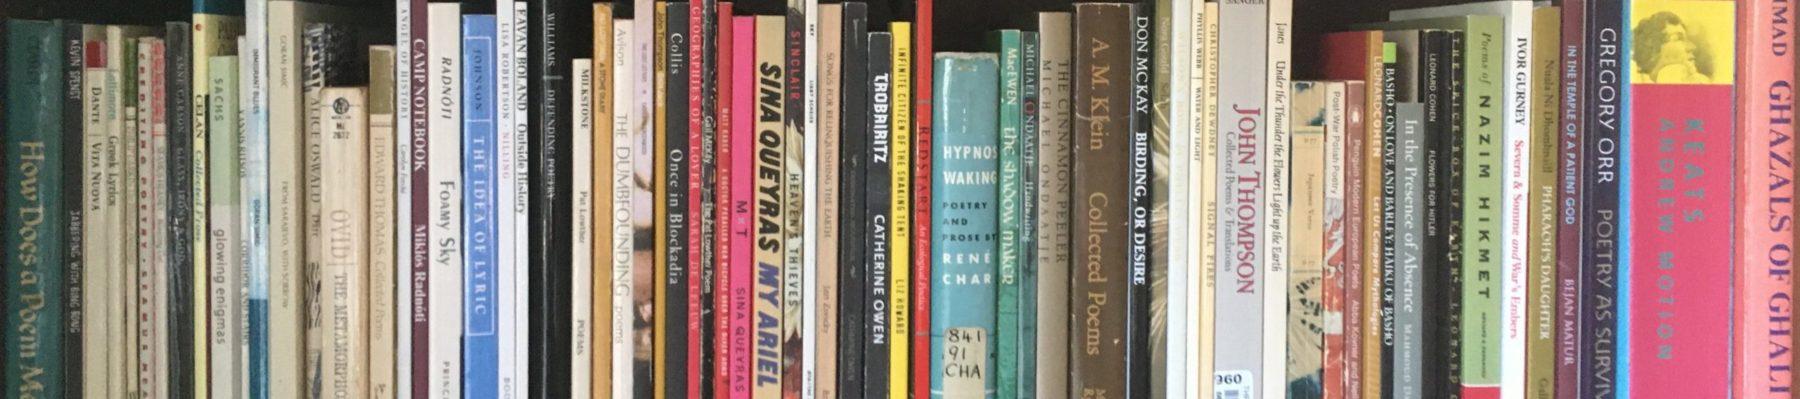 Poets Corner Reading Series